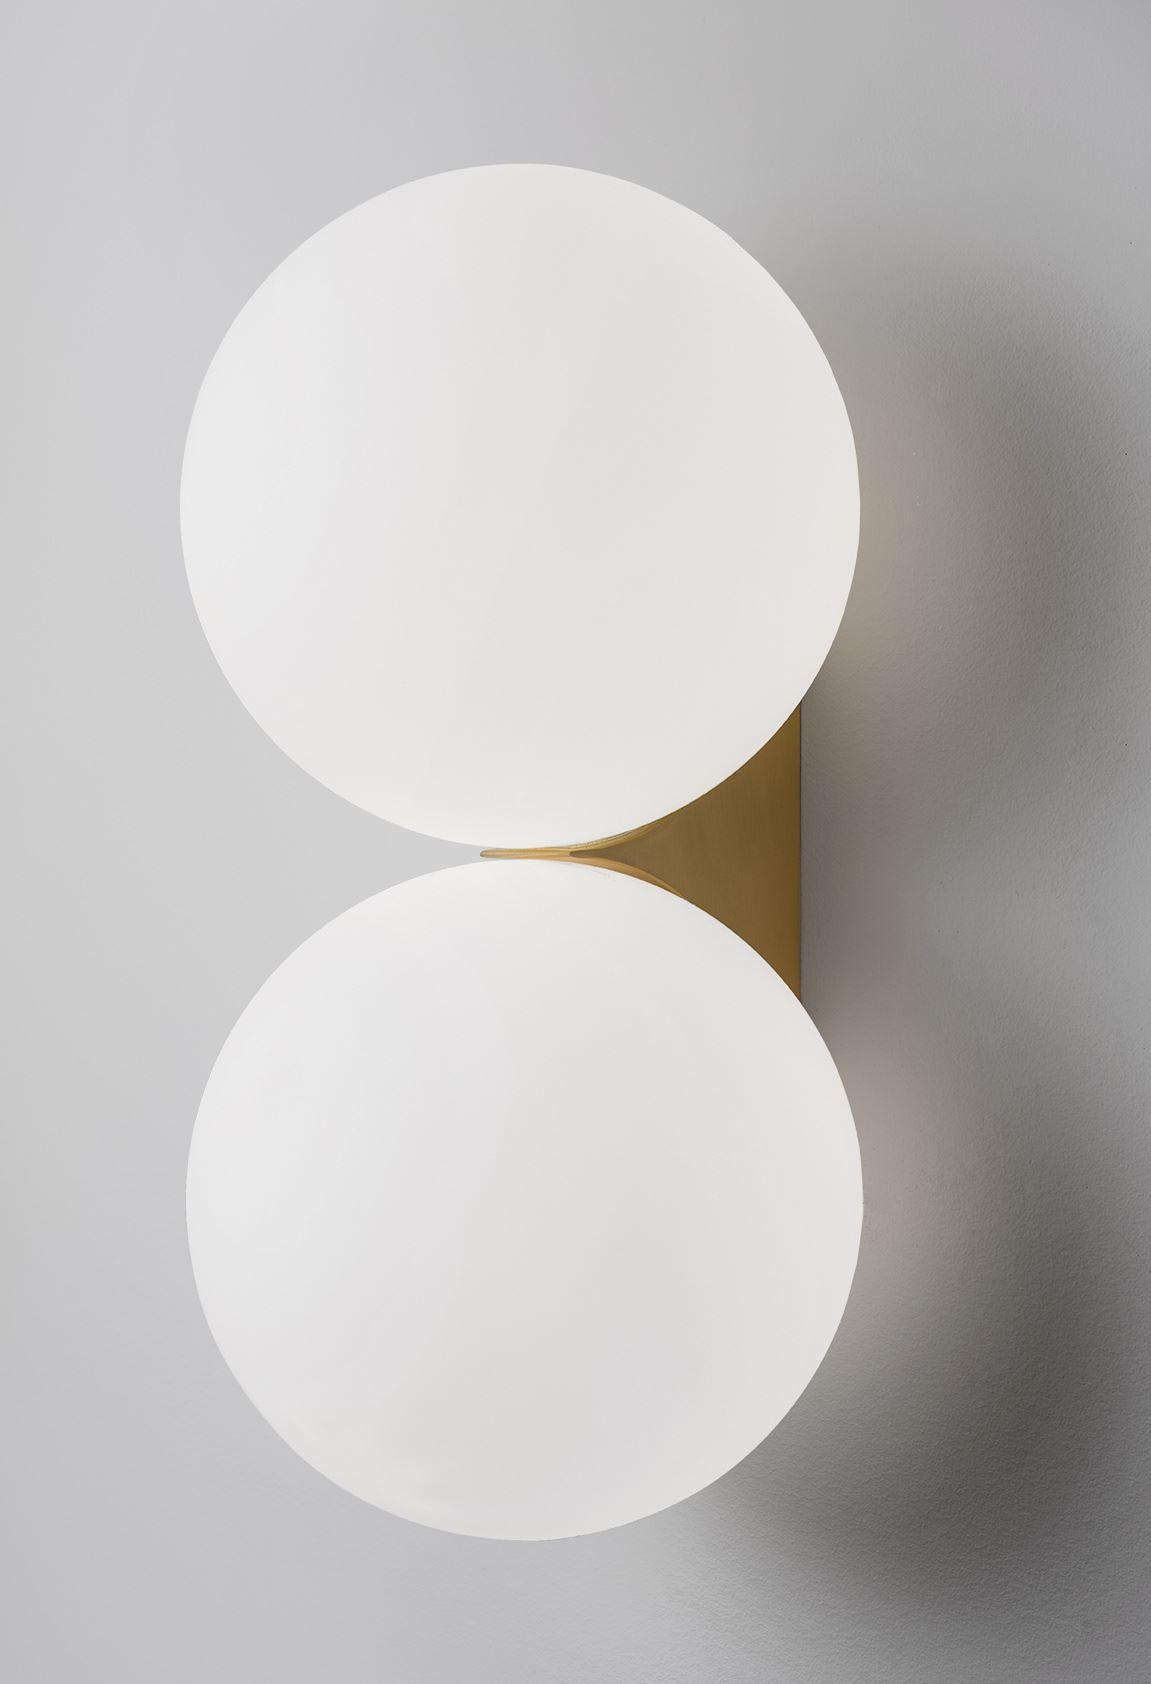 גופי תאורה בקטגוריית: מנורות קיר  ,שם המוצר: FREEZE